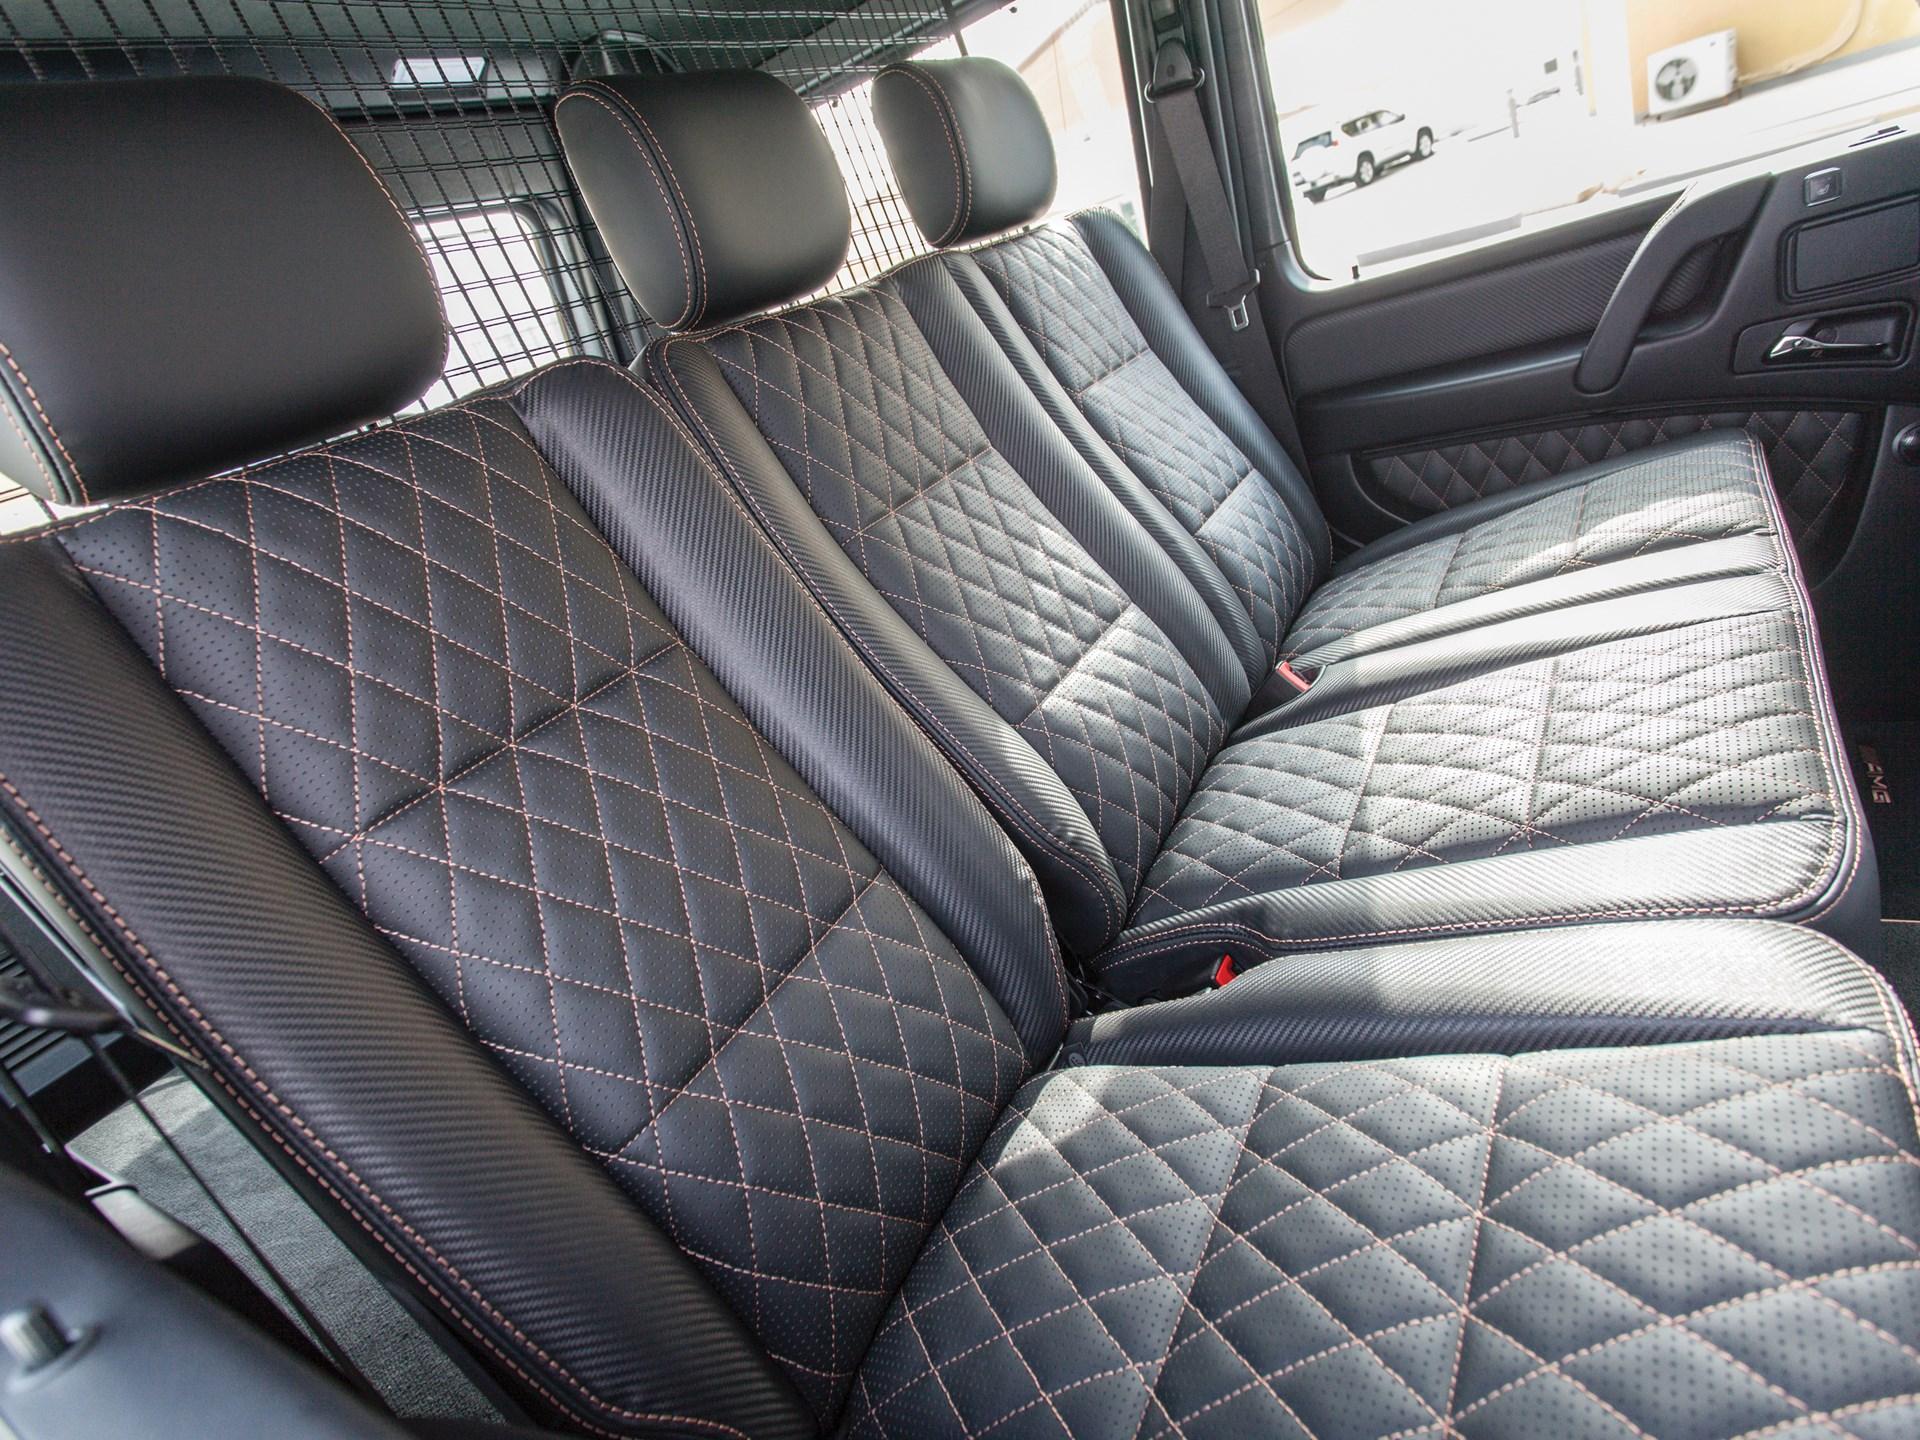 2018 Mercedes-Benz G 65 AMG 'Final Edition'